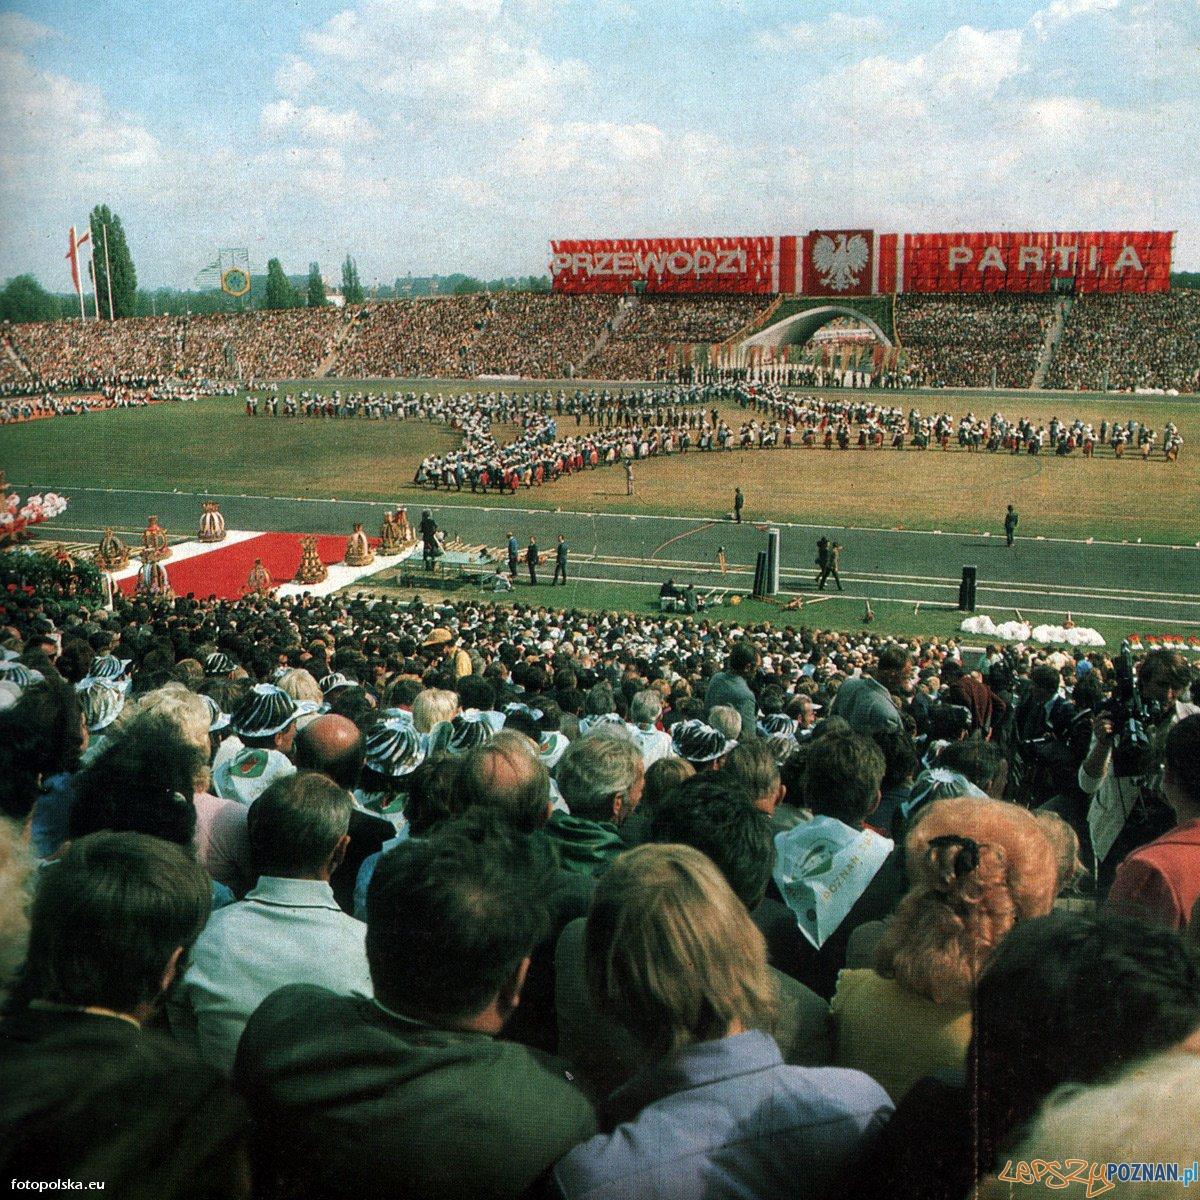 Centralne Dożynki na Stadionie 22 Lipca (8 września 1974) Foto: fotopolska